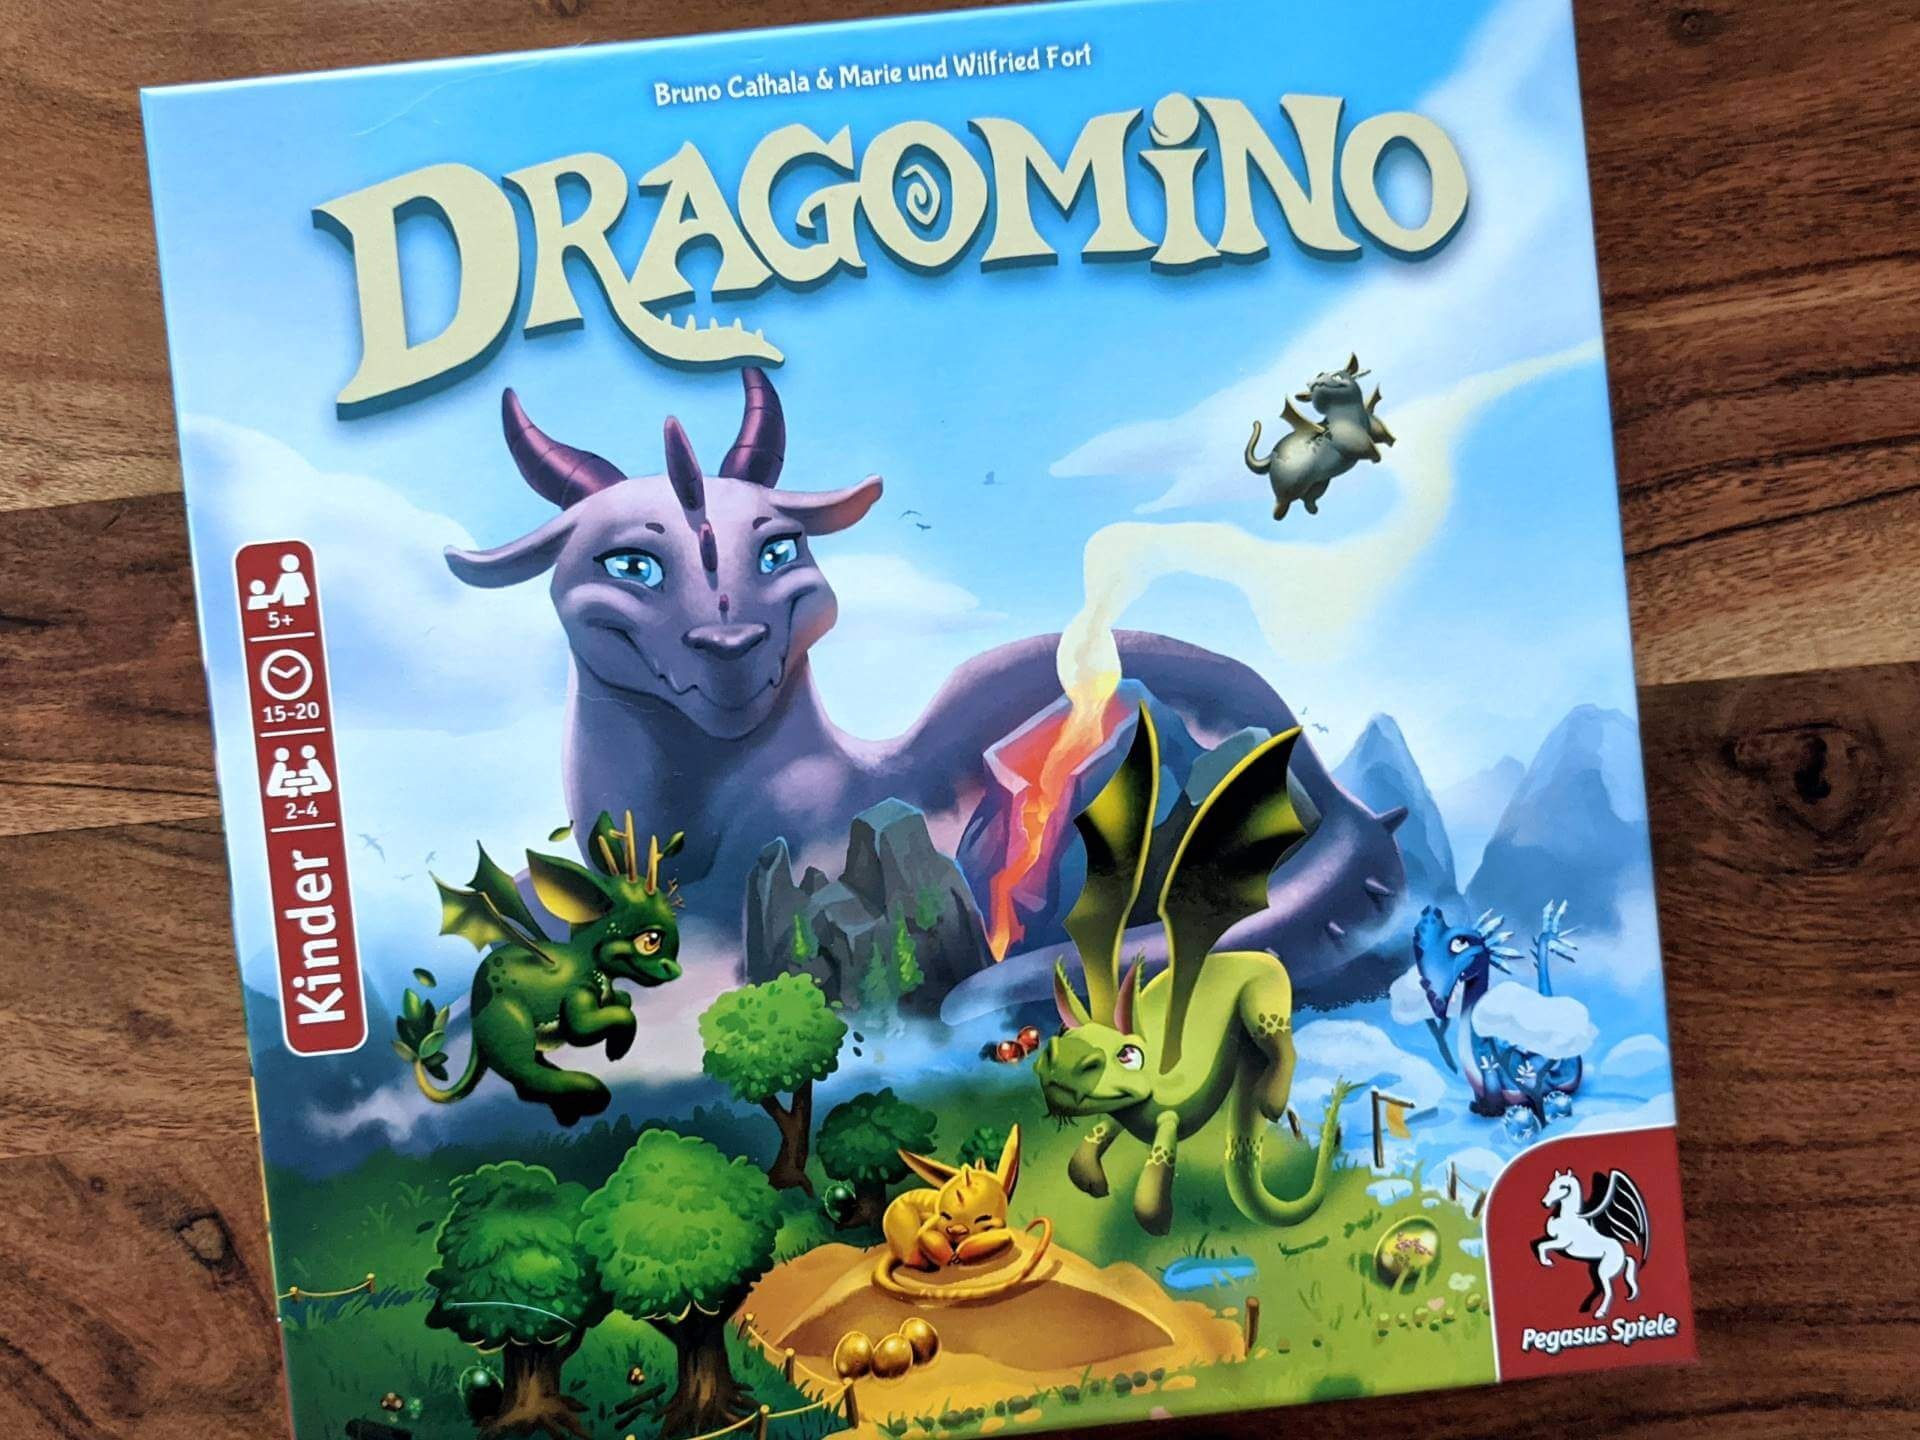 Dragomino Kinderspiel des Jahres 2021